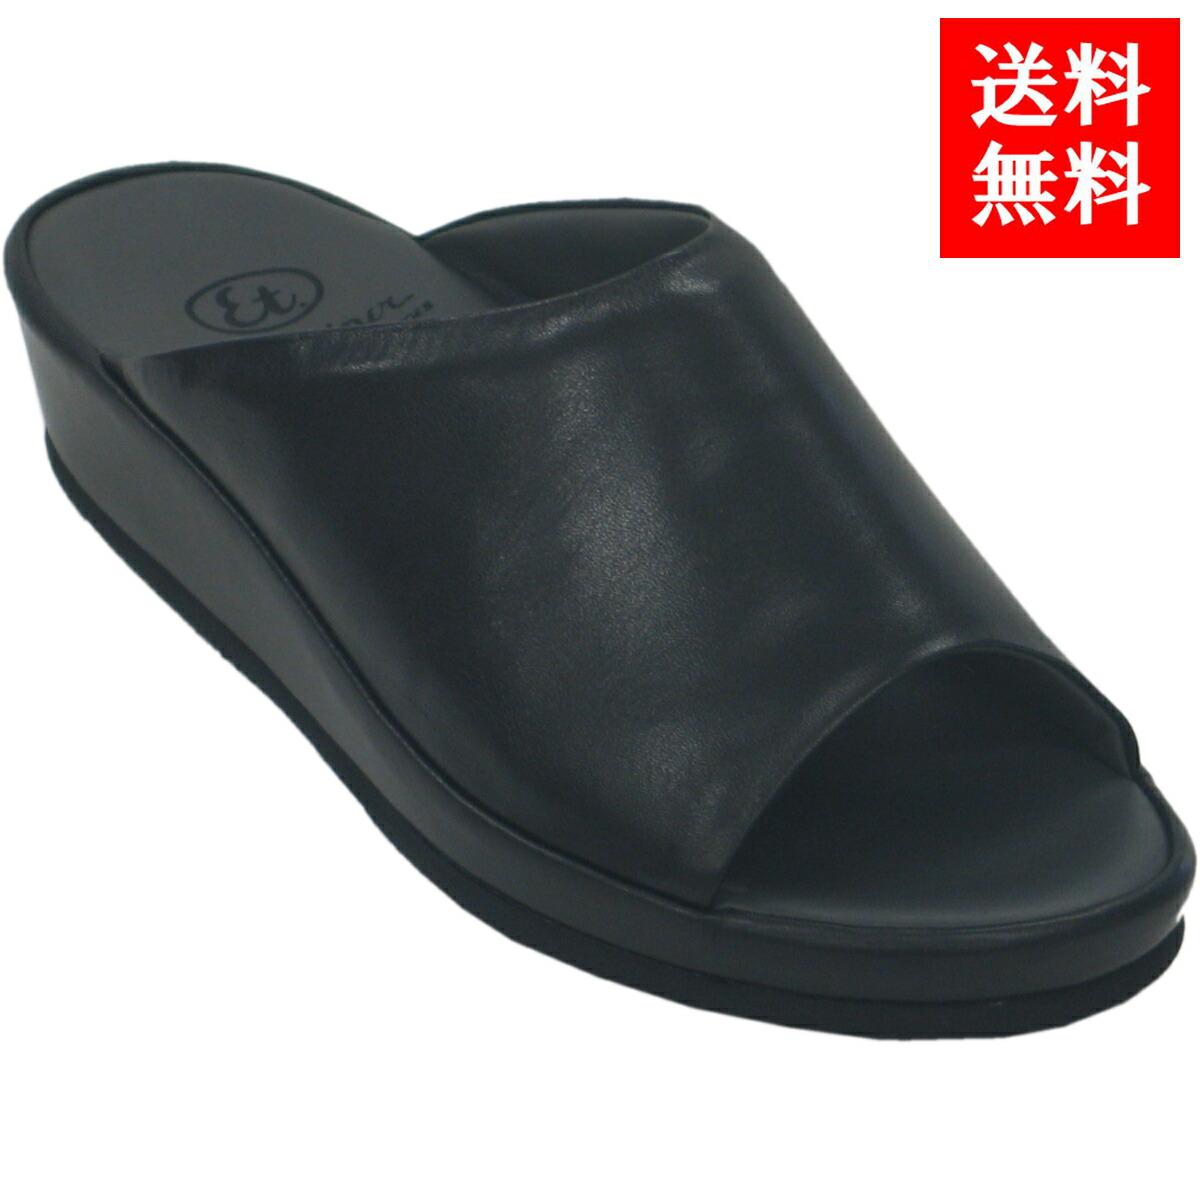 送料無料 弘進商事 ドクターサンダル 紳士 (ブラック)Lサイズ シューズ/スリッパ/社内履き/室内履き/外履き/靴